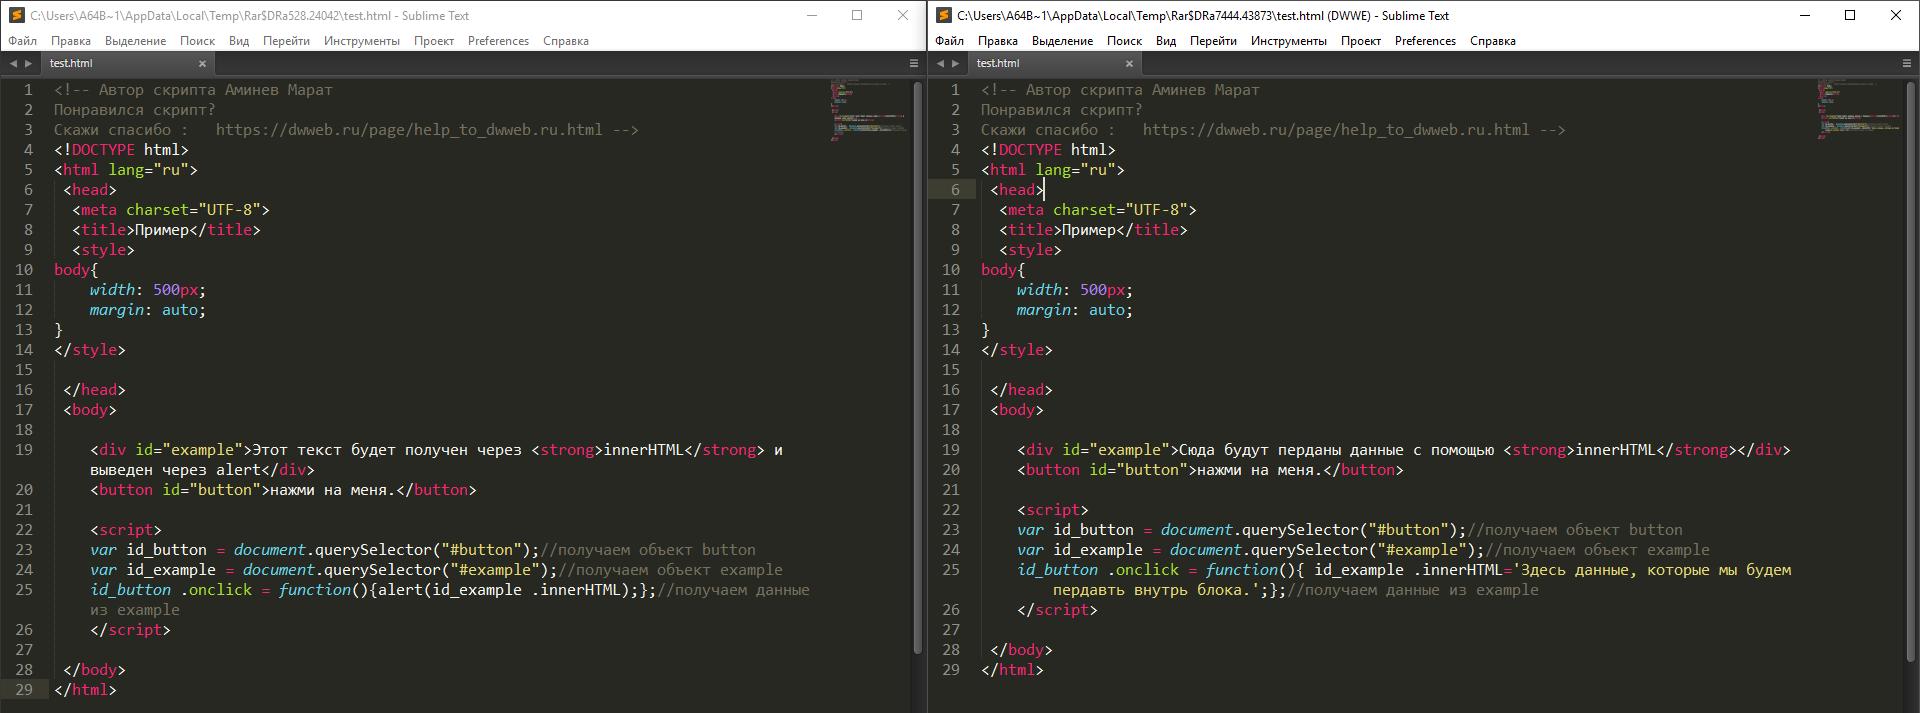 Передать данные внутрь блока с помощью innerHTML.